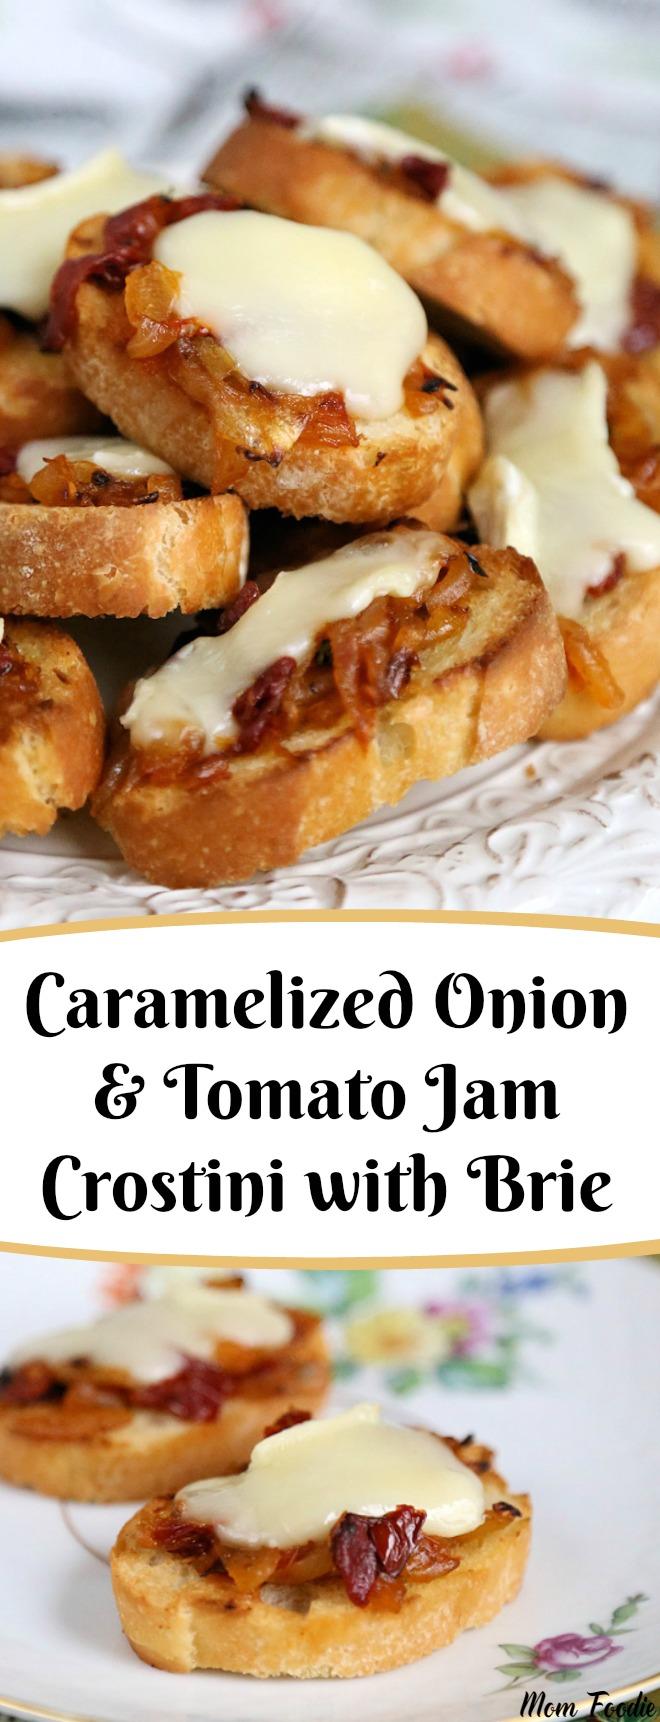 Caramelized Onion Tomato Jam Crostini with Brie